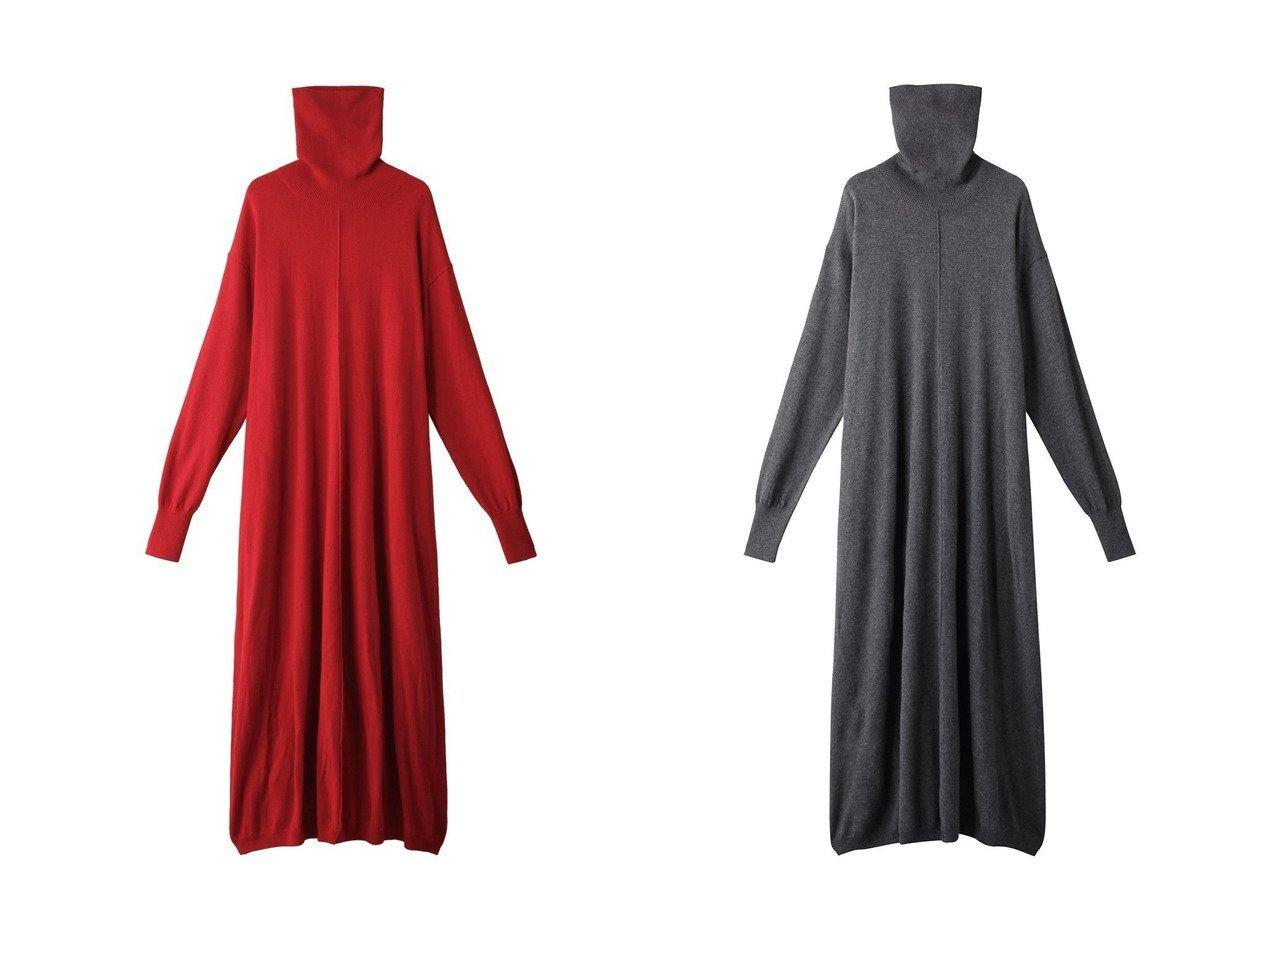 【Shinzone/シンゾーン】のハイネックロングドレス ワンピース・ドレスのおすすめ!人気、レディースファッションの通販  おすすめで人気のファッション通販商品 インテリア・家具・キッズファッション・メンズファッション・レディースファッション・服の通販 founy(ファニー) https://founy.com/ ファッション Fashion レディース WOMEN ワンピース Dress ドレス Party Dresses シンプル ジャケット センター ドレス バランス リラックス ロング ワイド  ID:crp329100000000695